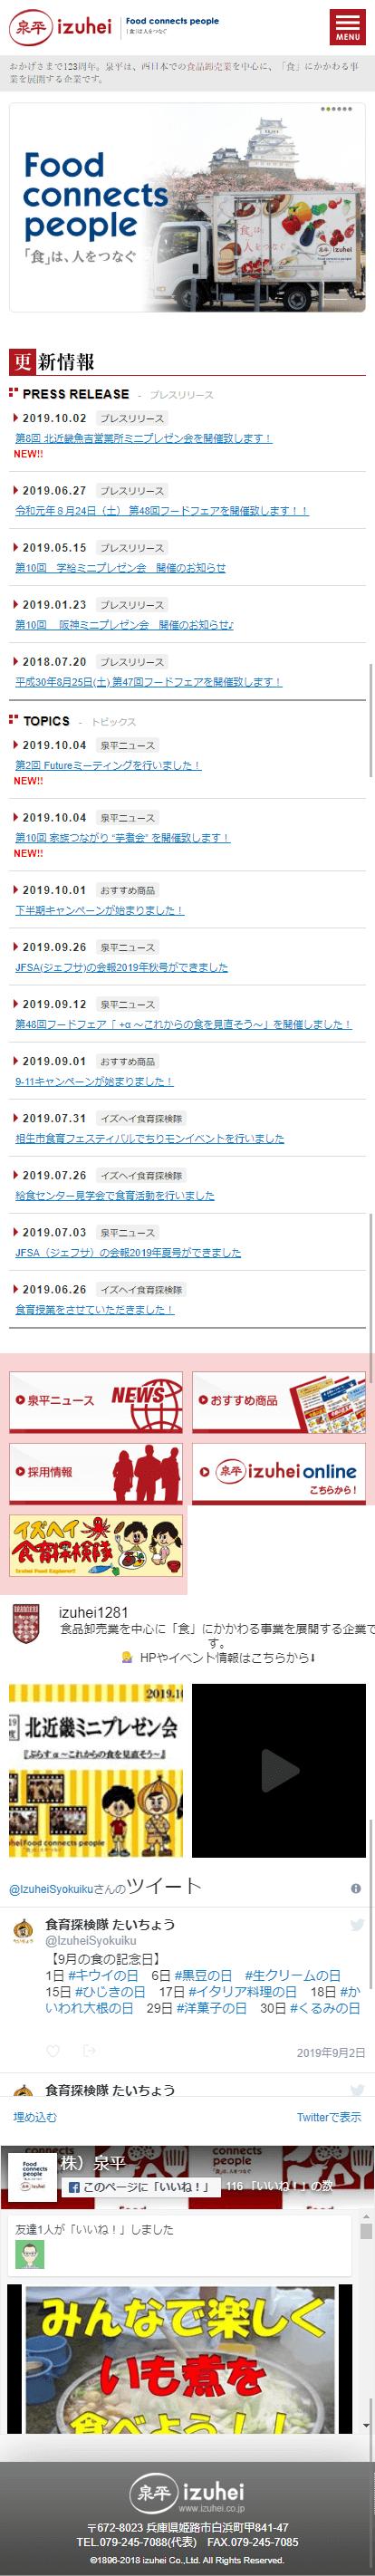 姫路市 株式会社泉平CSRサイト ホームページ制作3